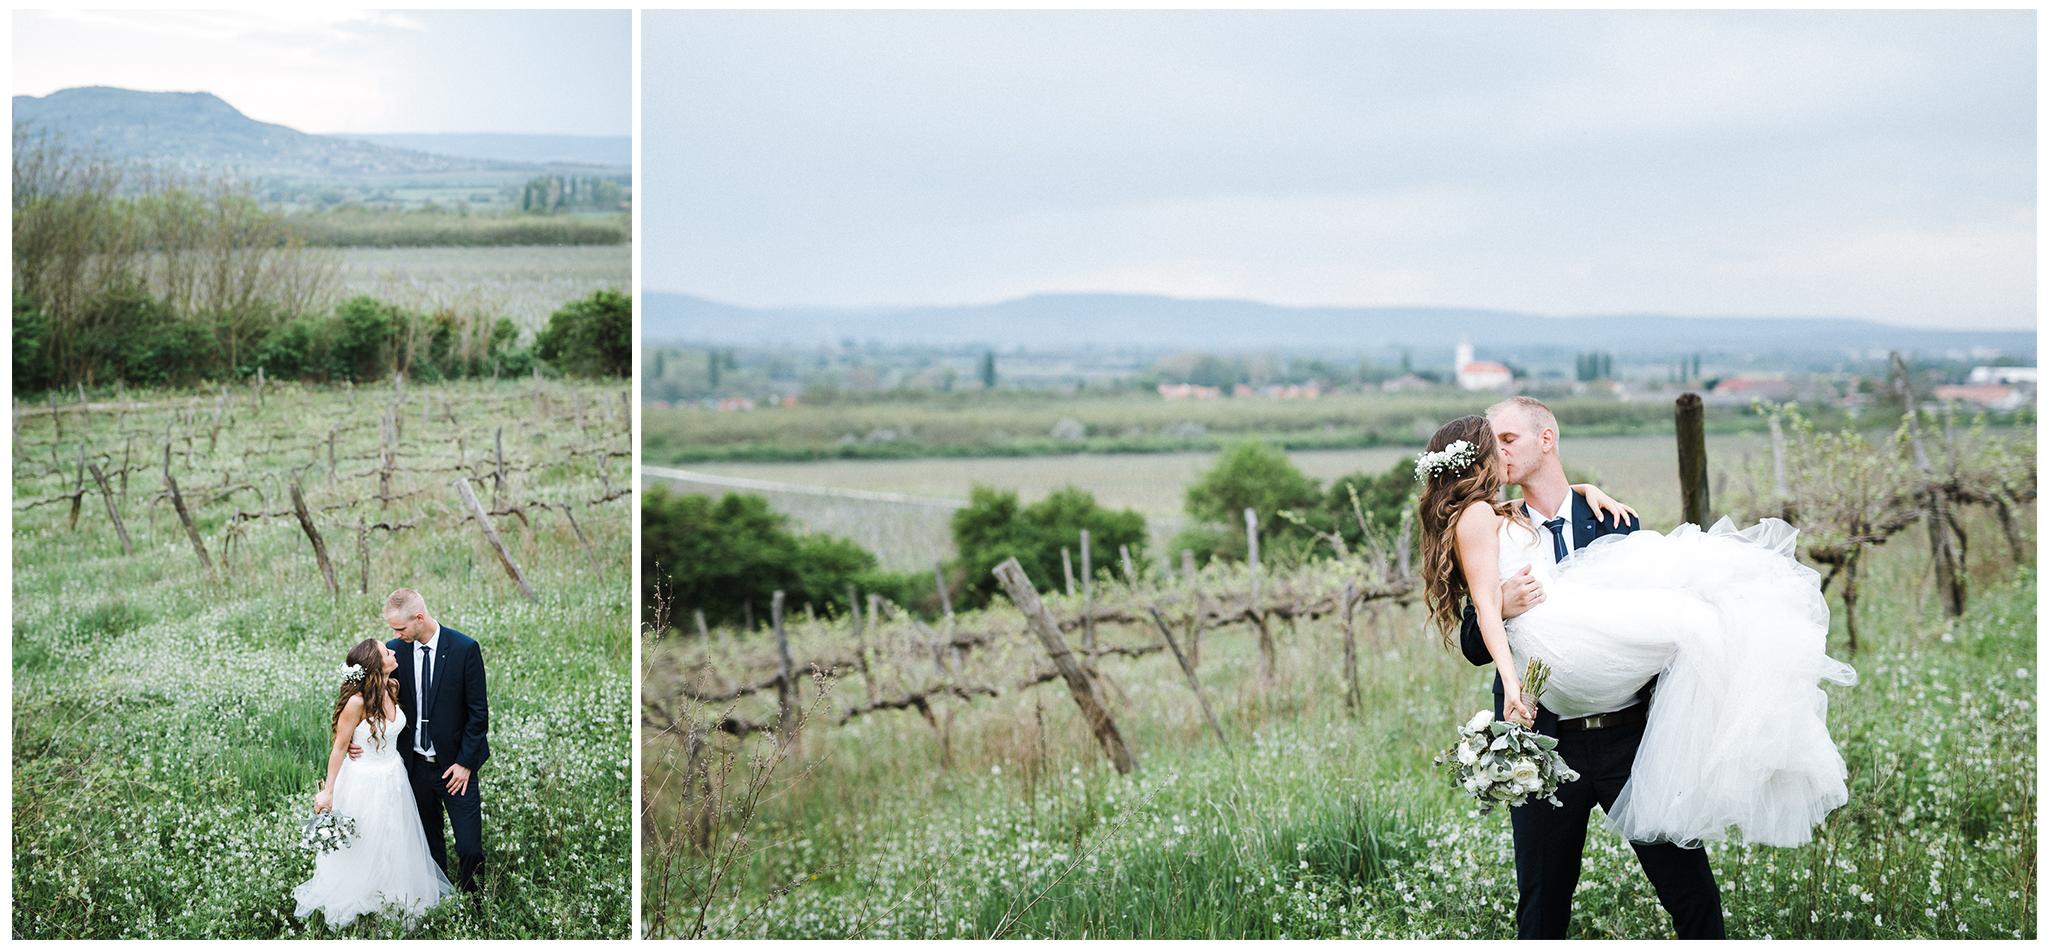 MONT_FylepPhoto, Esküvőfotós Vasmegye, Esküvő fotózás, Esküvői fotós, Körmend, Vas megye, Dunántúl, Budapest, Fülöp Péter, Jegyes fotózás, jegyes, kreatív, kreatívfotózás, Balaton_Réka&Peti,2018_009.jpg